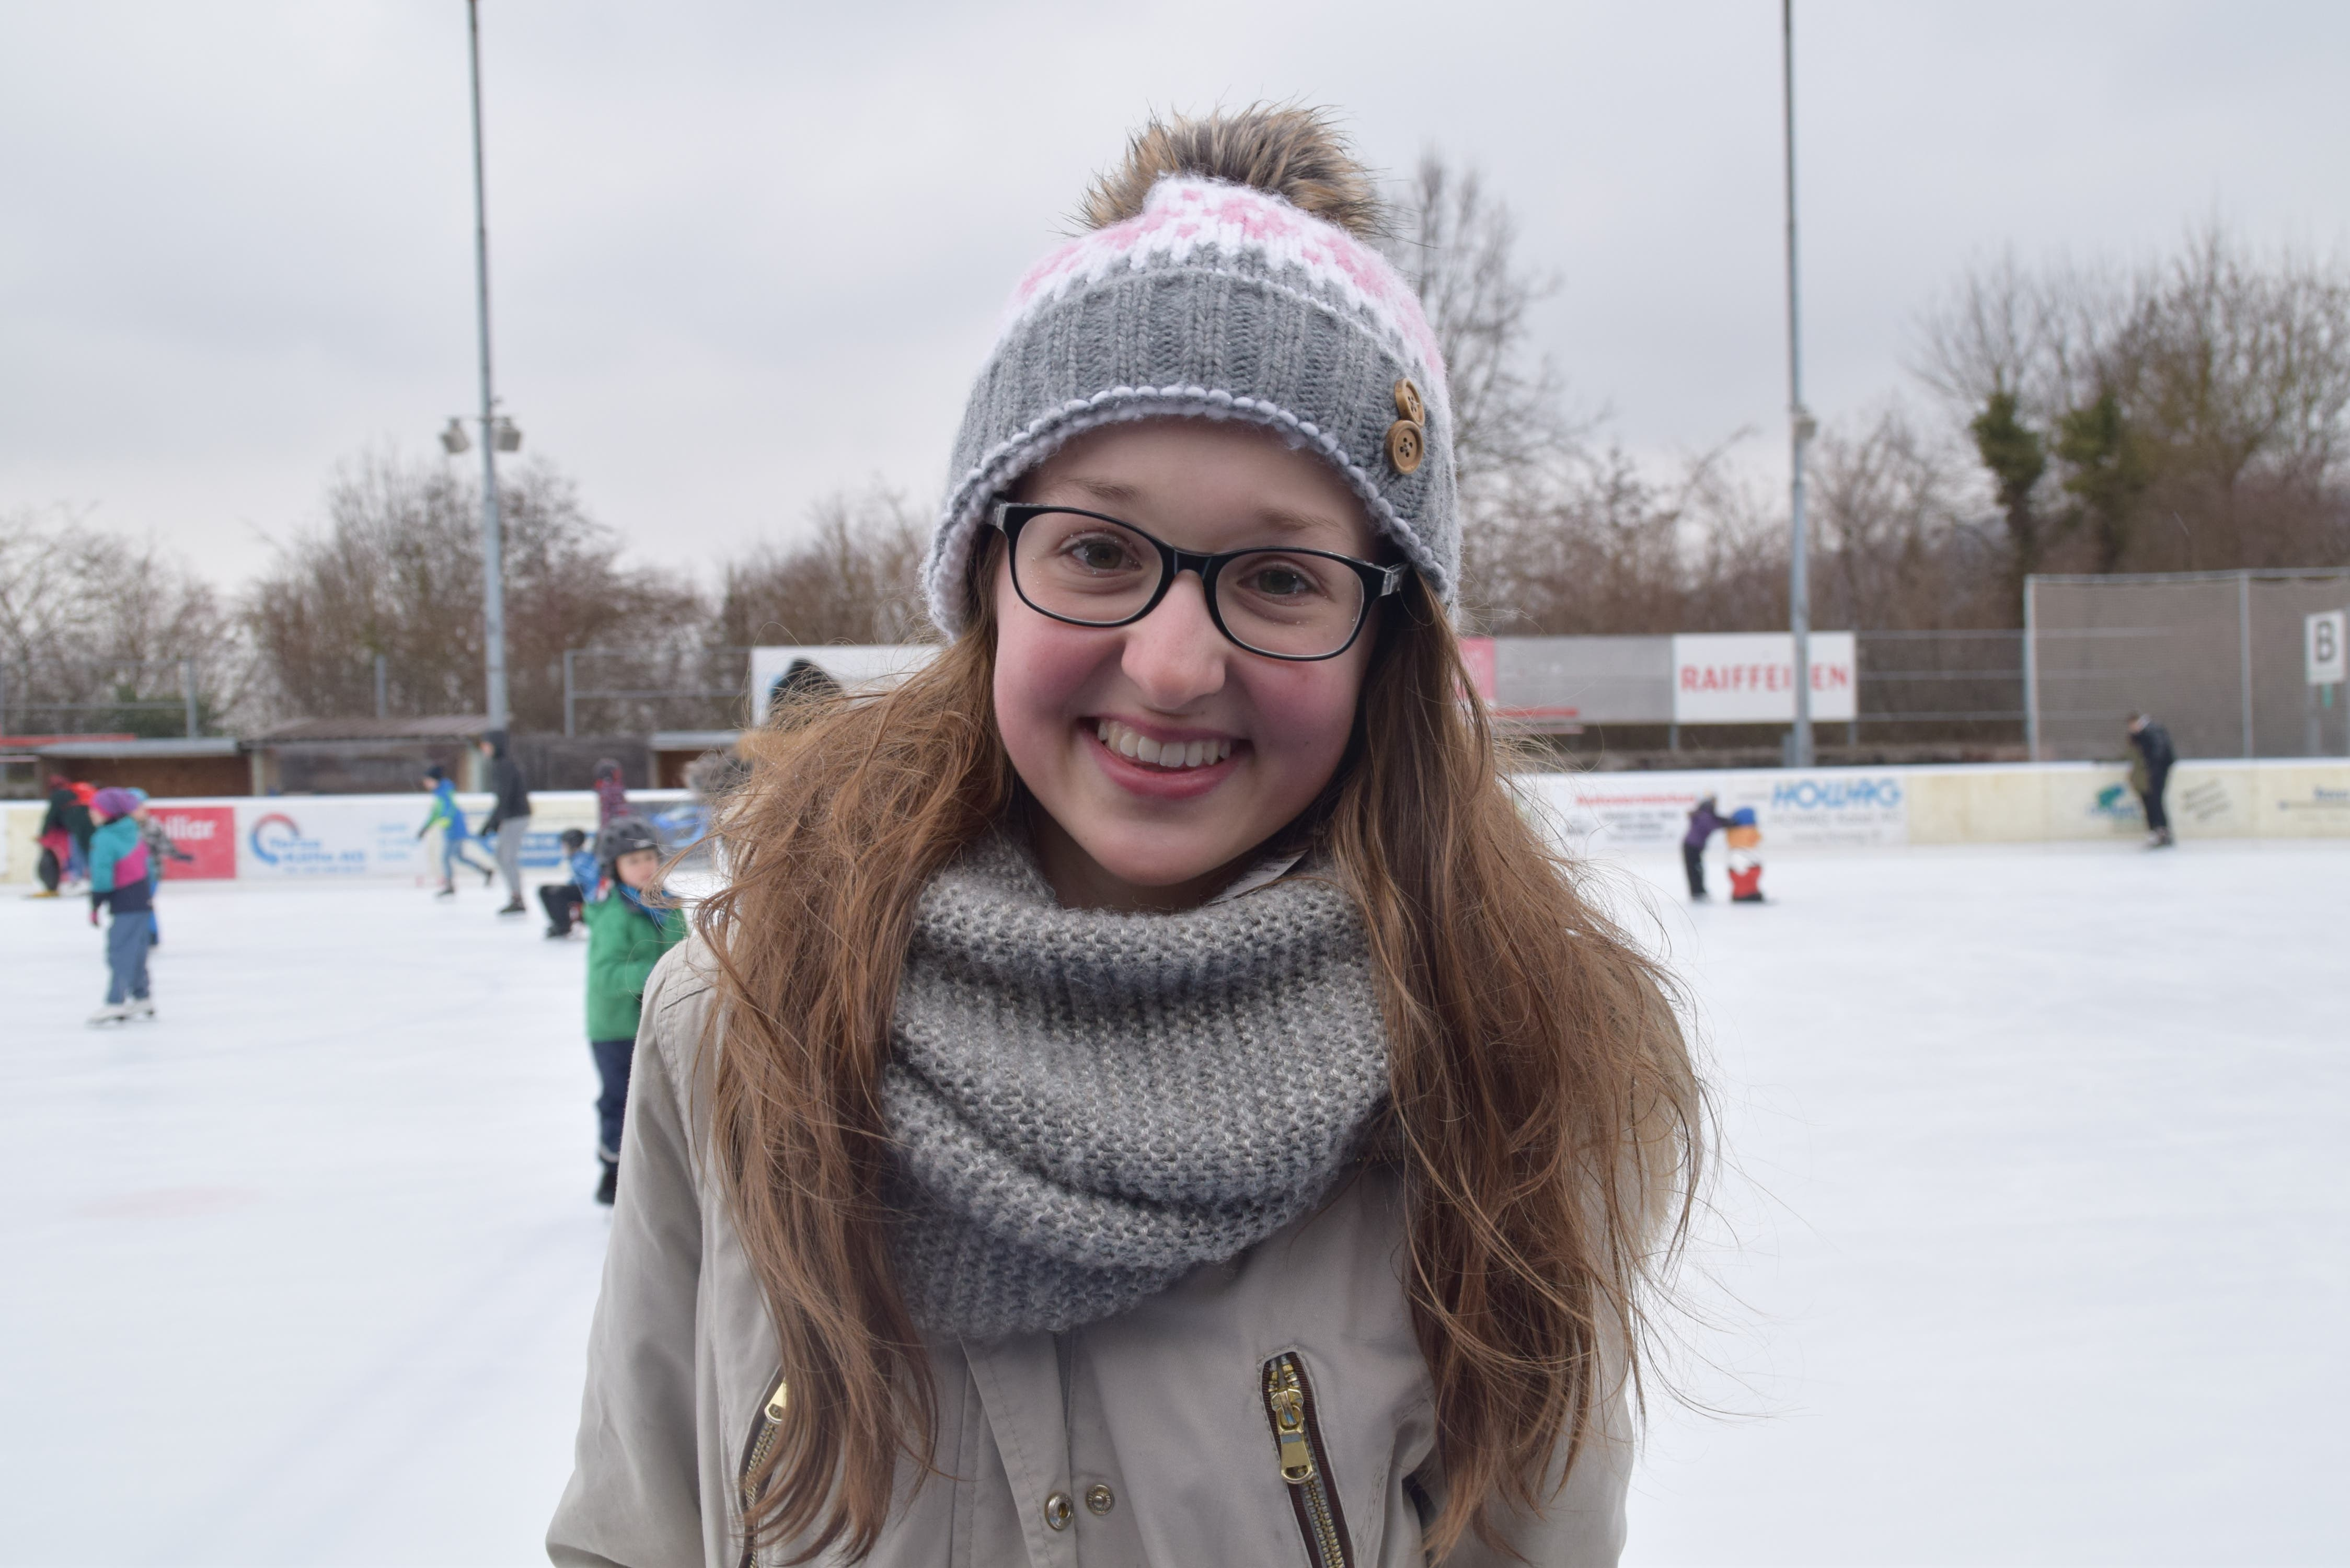 Fabienne (14), Wohlen «Die alte Eisbahn werde ich nicht vermissen. Ich freue mich sehr auf die neue Bahn. Dass es ein Dach gibt, finde ich super, vor allem an Tagen wie heute, an denen es regnet und windet.»